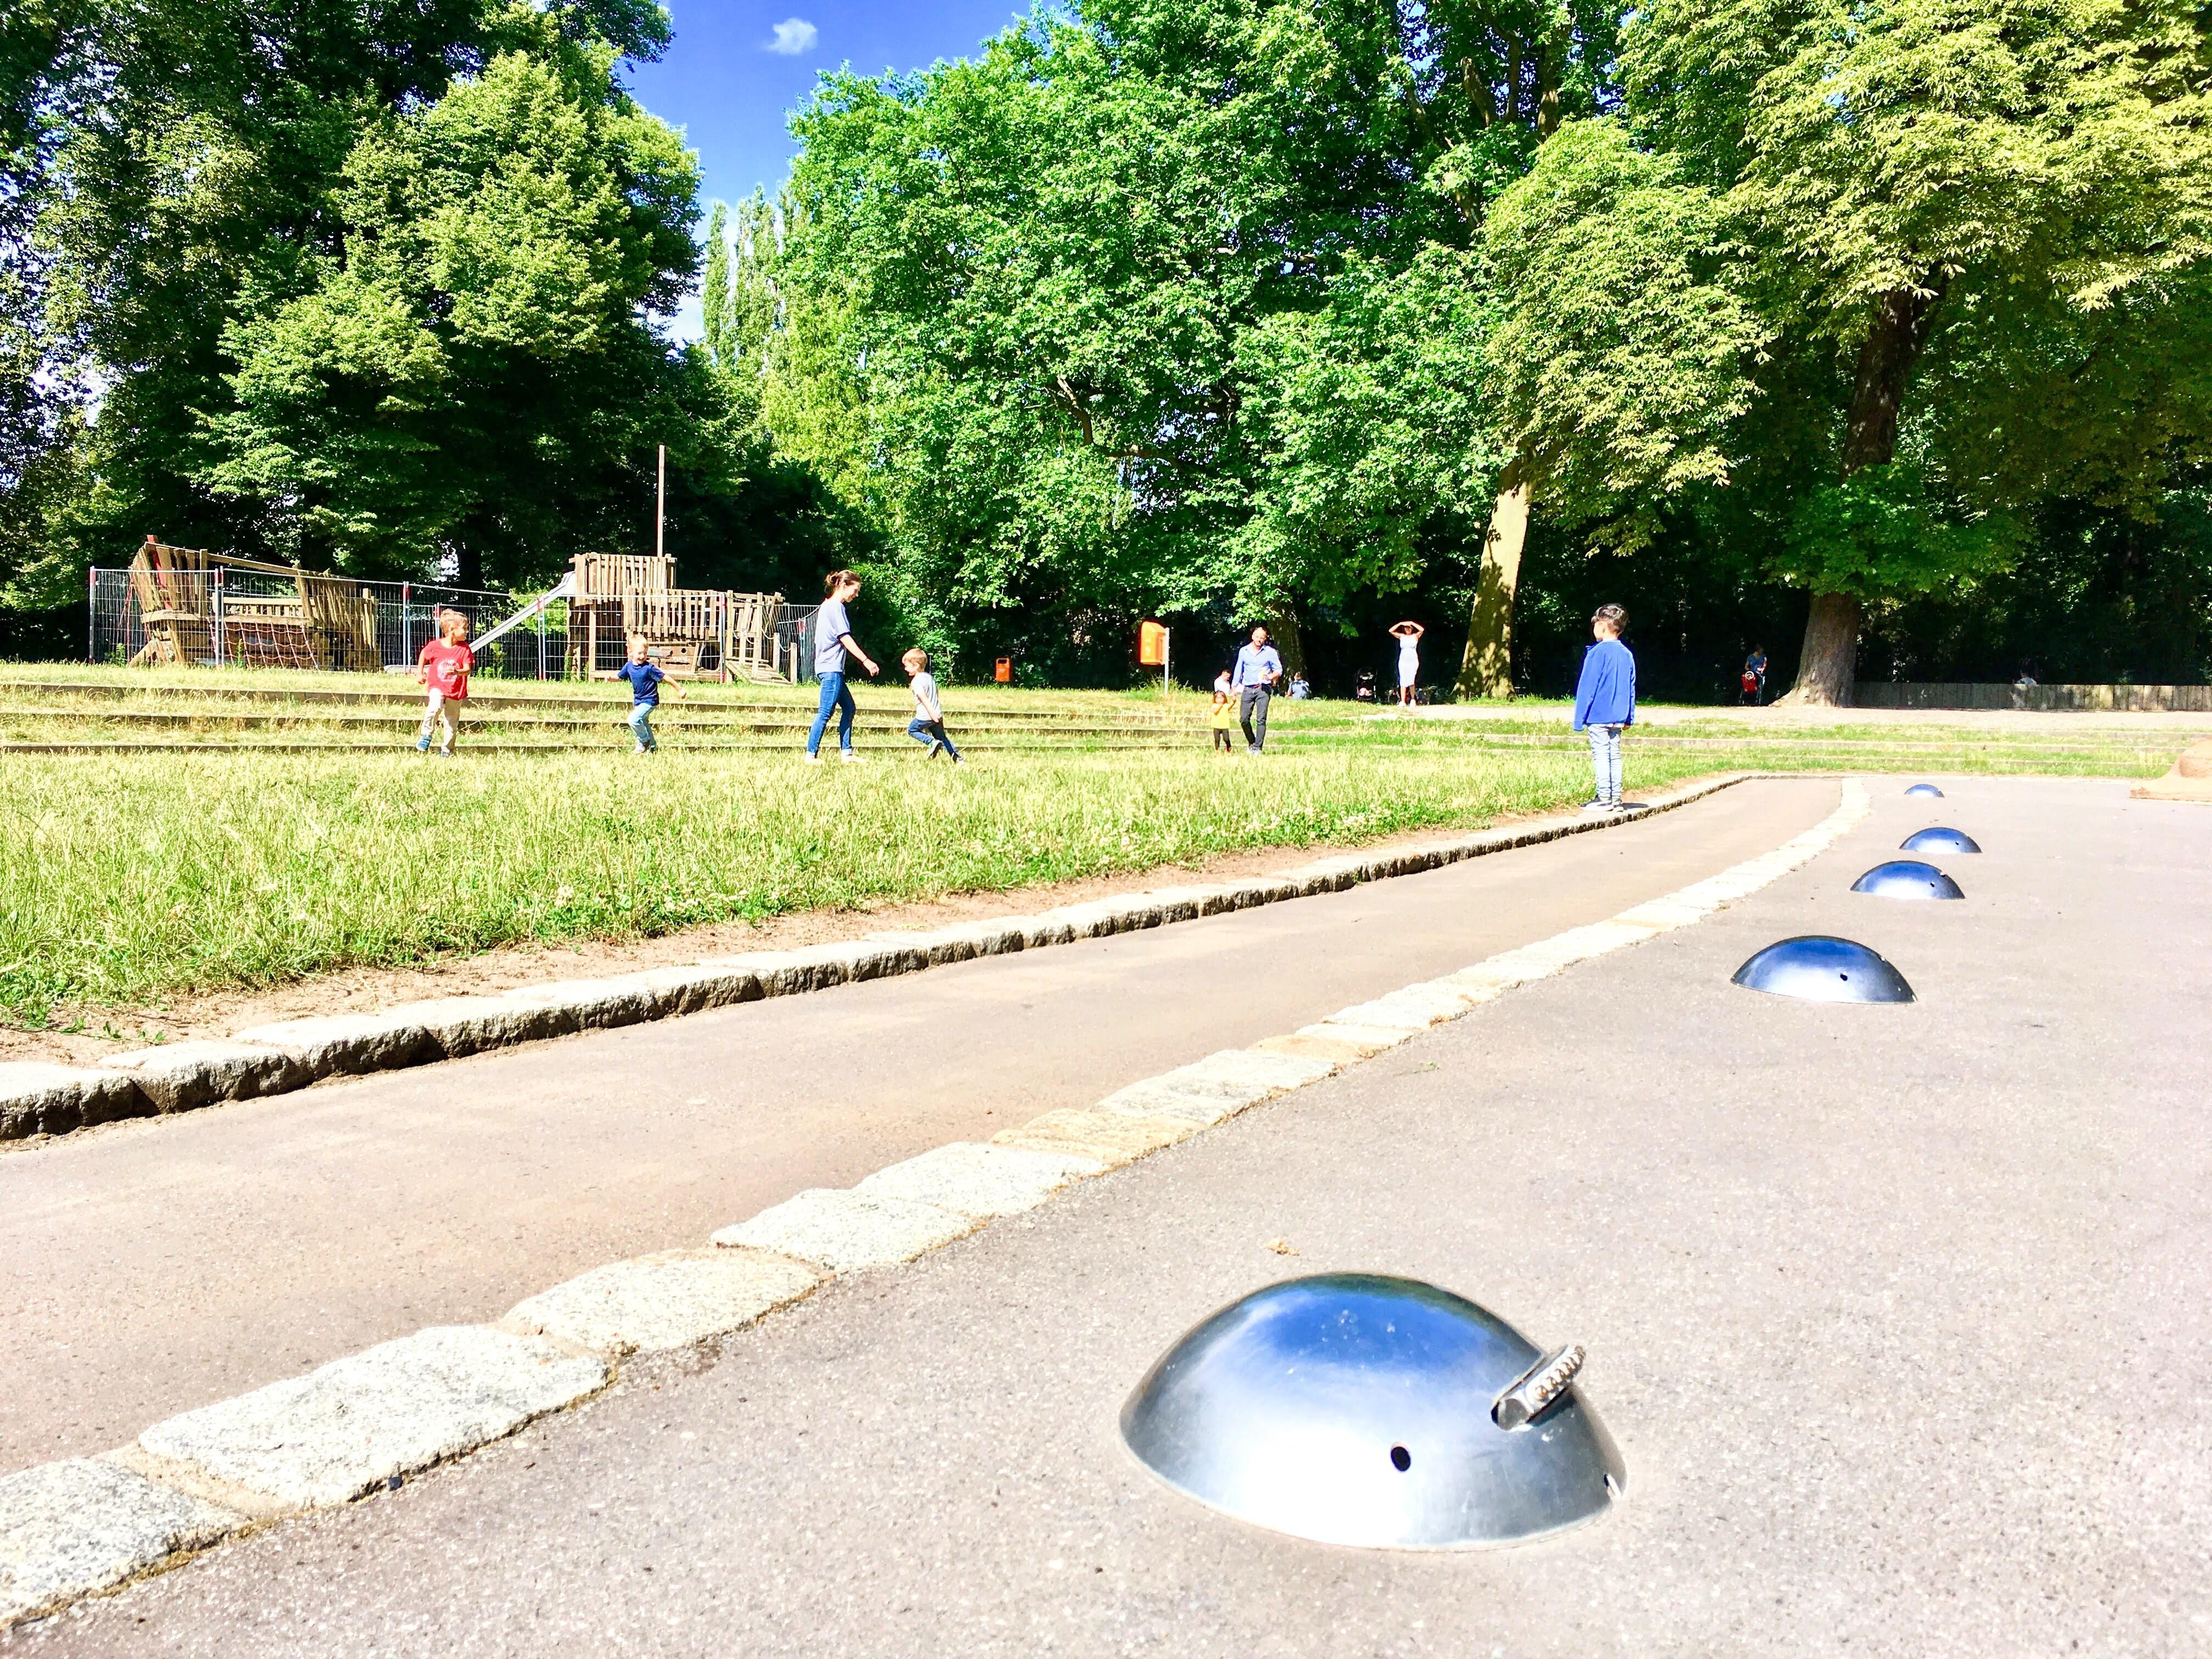 Spielgeräte gesperrt,  Plansche-Wasserspiel außer Betrieb,  Foto: Scholz (26.06.2018)